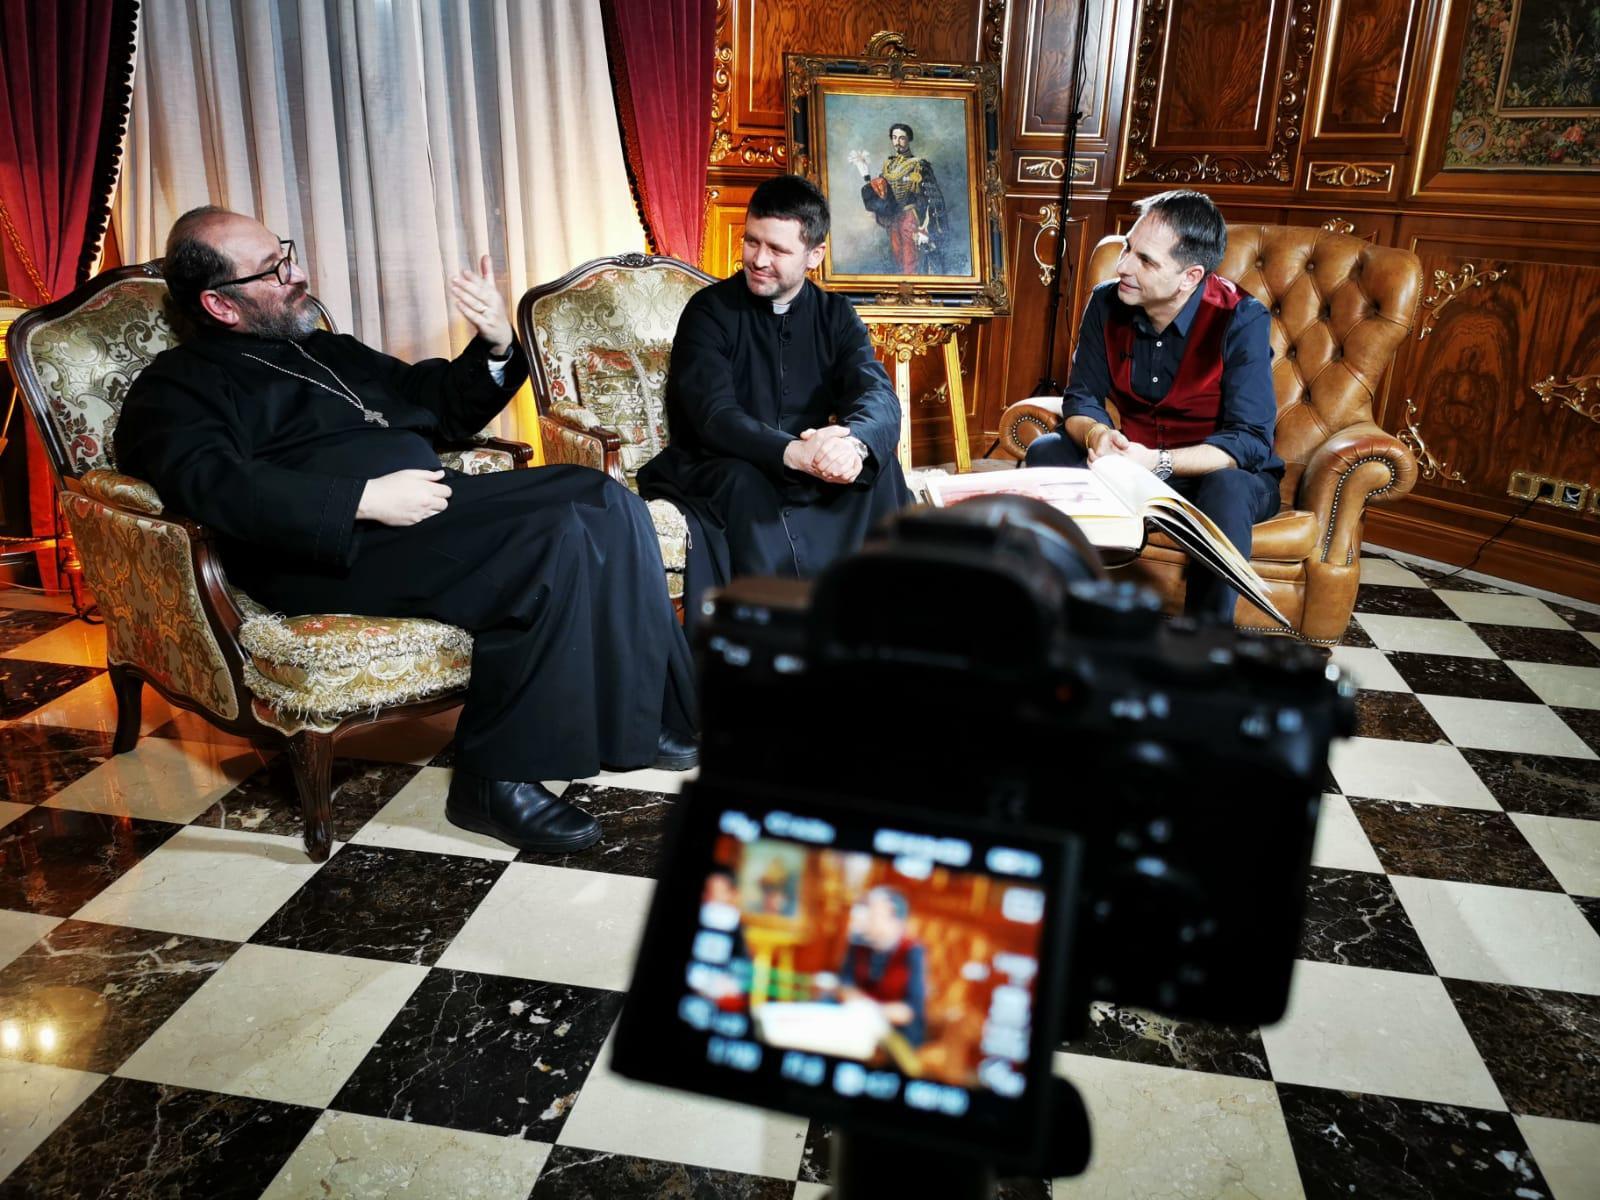 În noaptea de Înviere, preoții Constantin Necula și Francisc Doboş, pentru prima oară împreună la tv la Legendele, cu Dan Negru